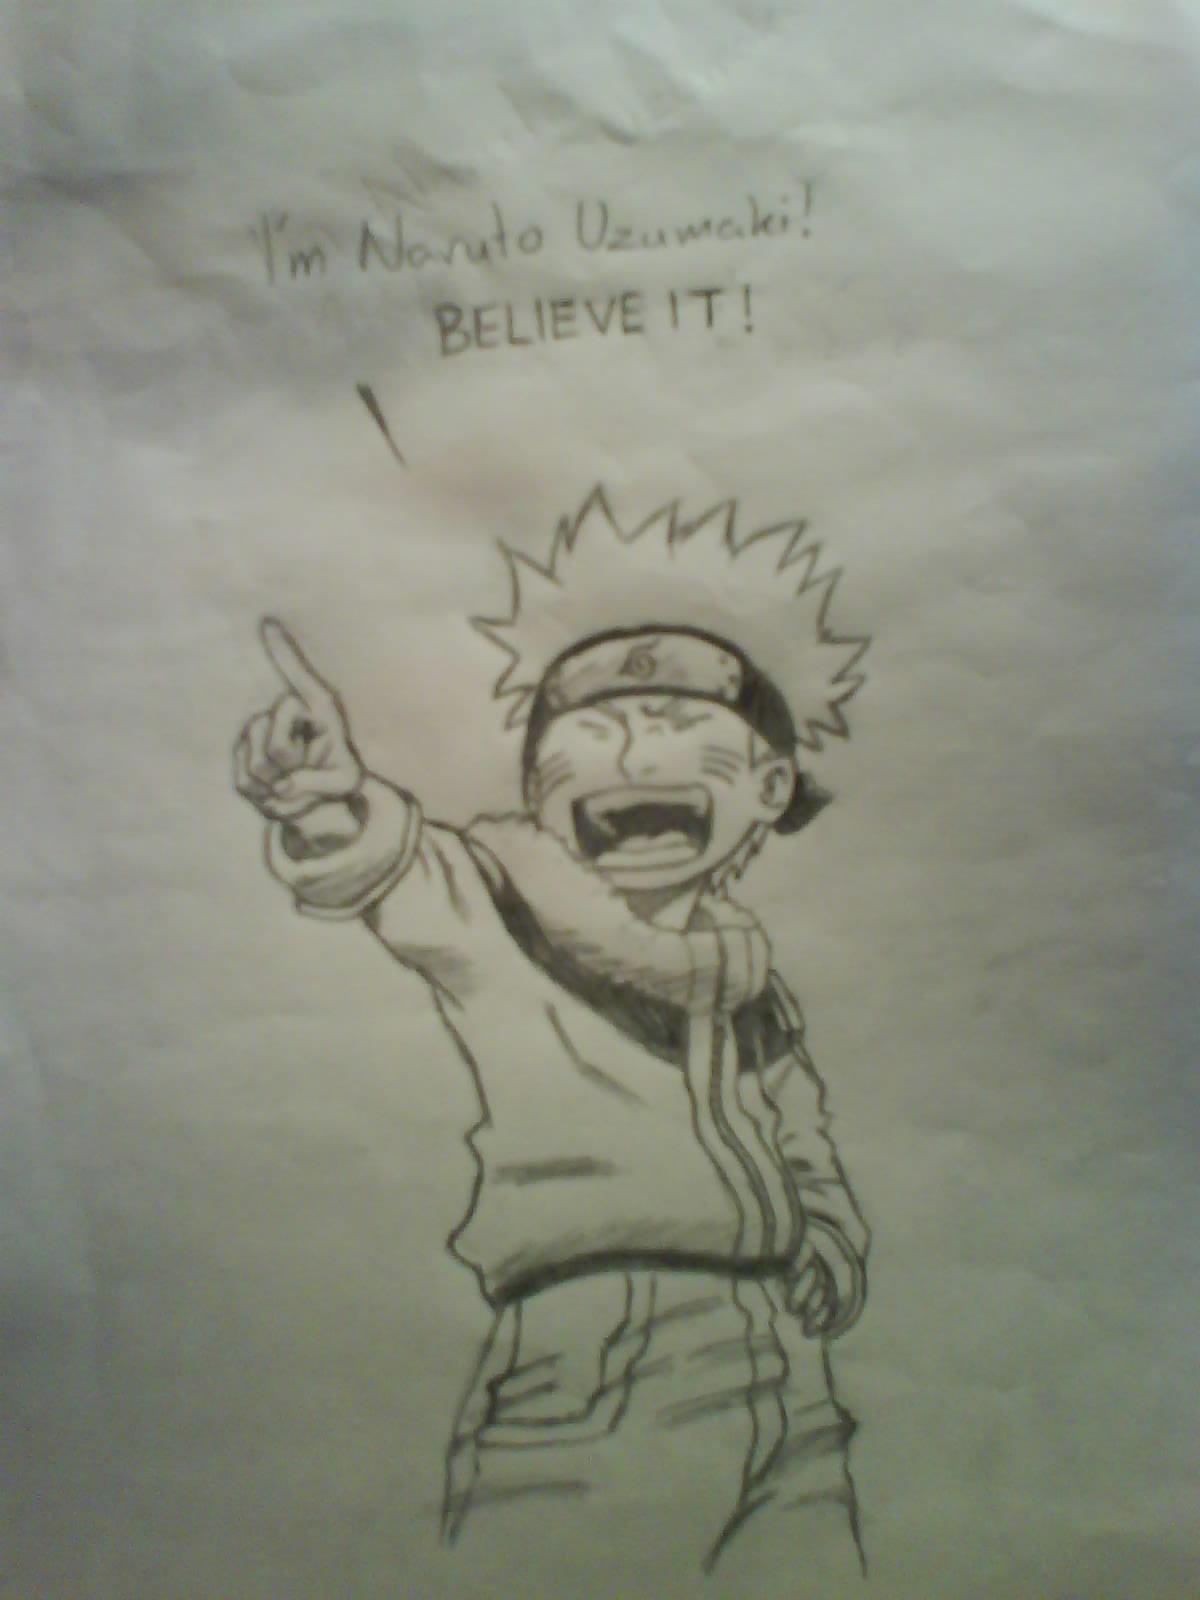 Naruto Uzumaki!